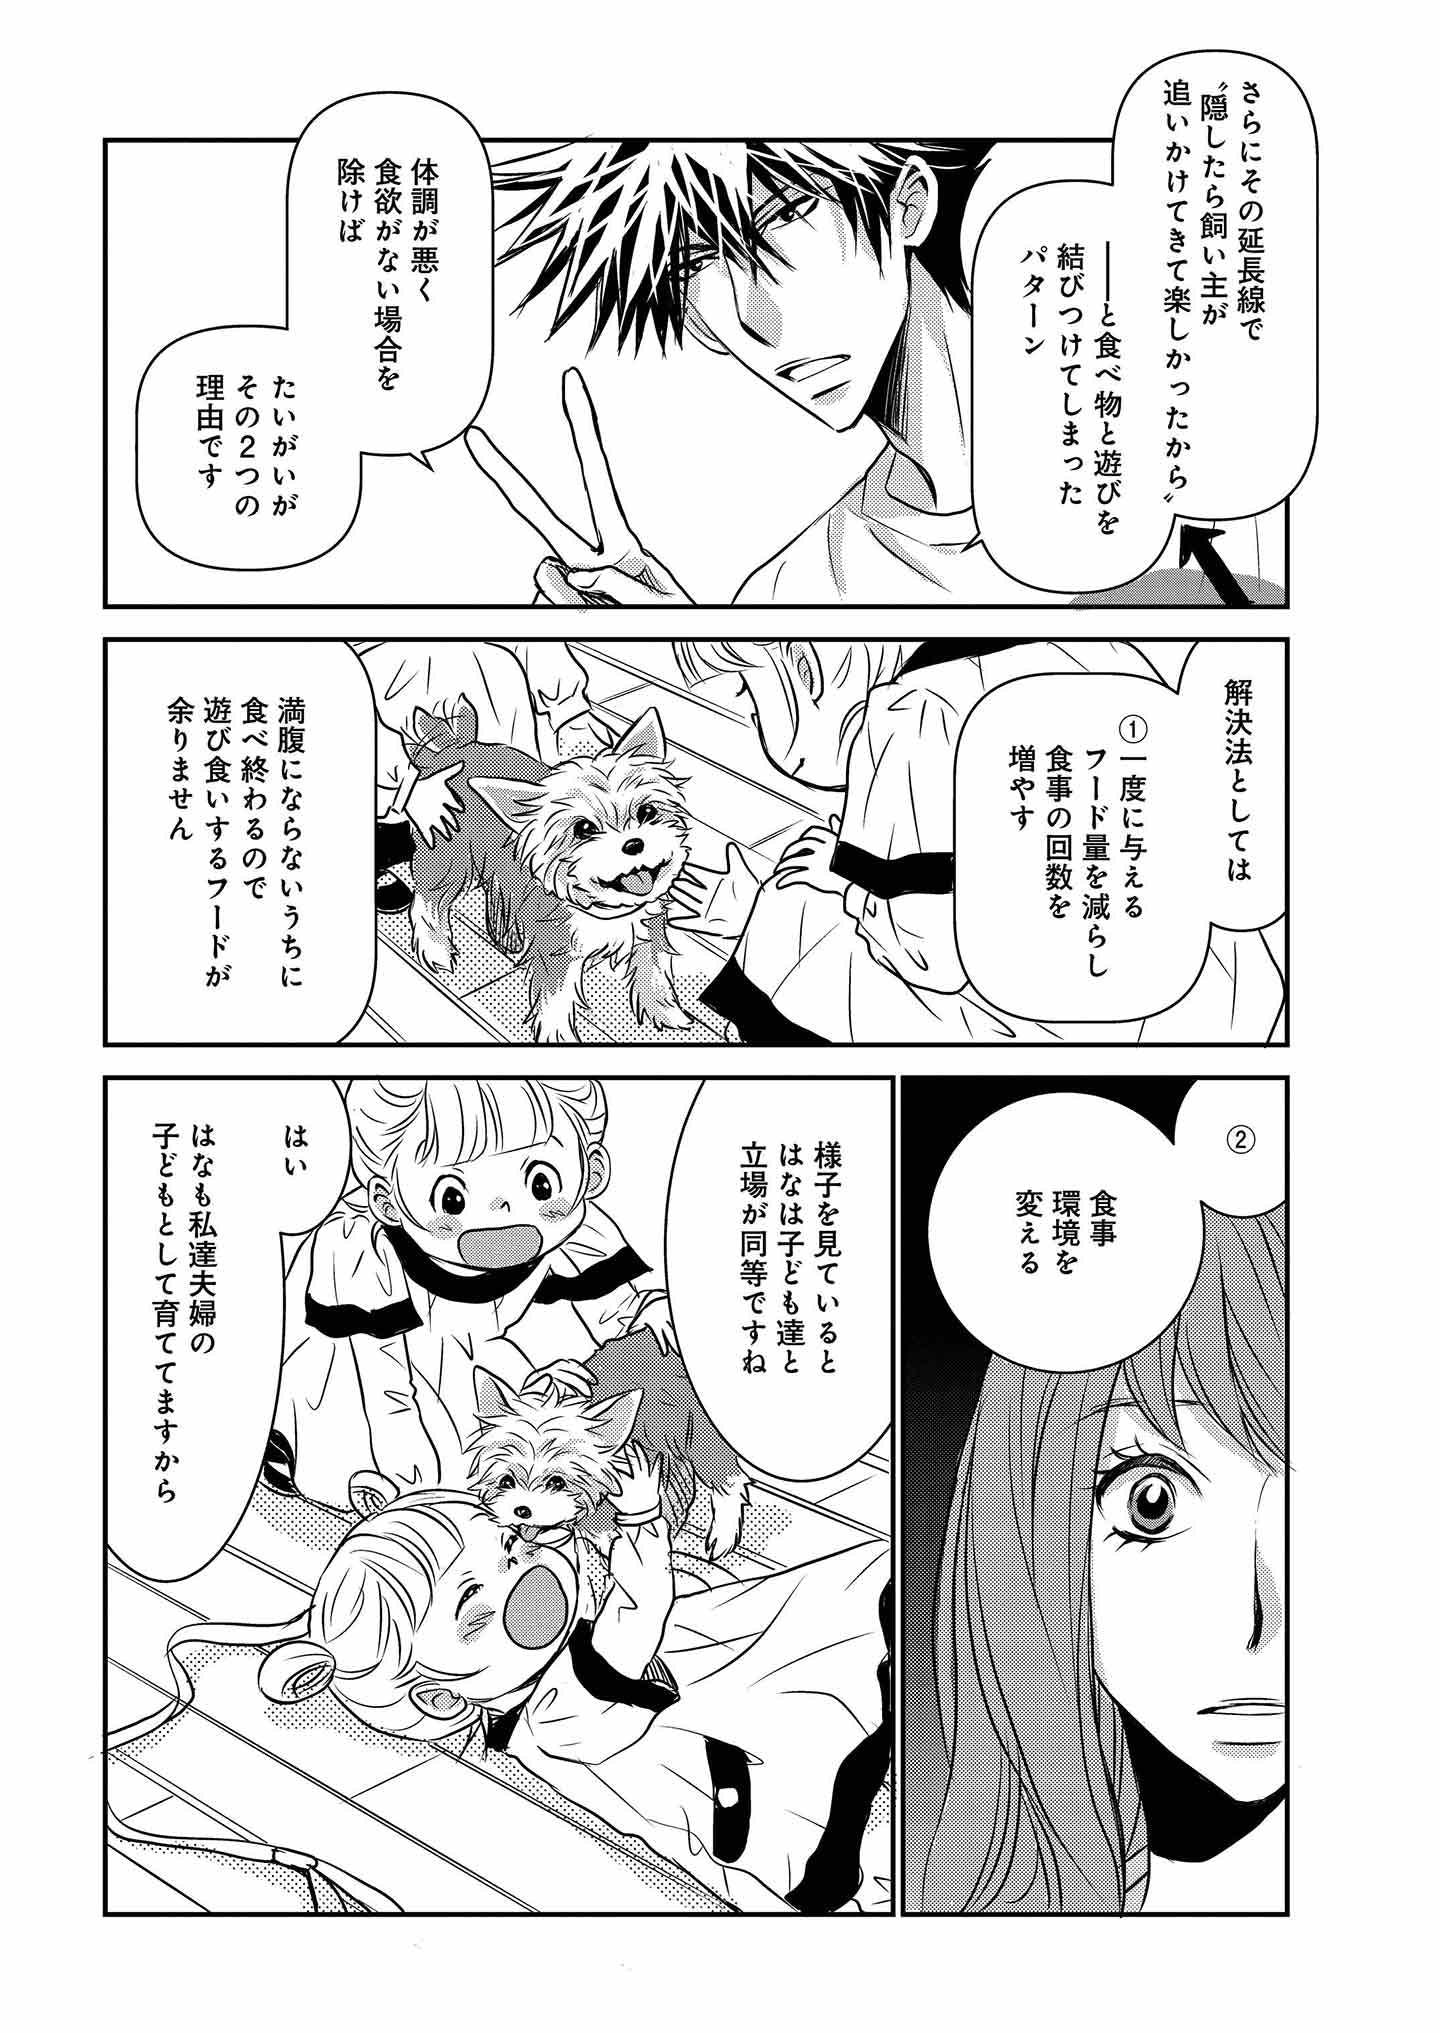 『DOG SIGNAL』13話目① 5ページ目